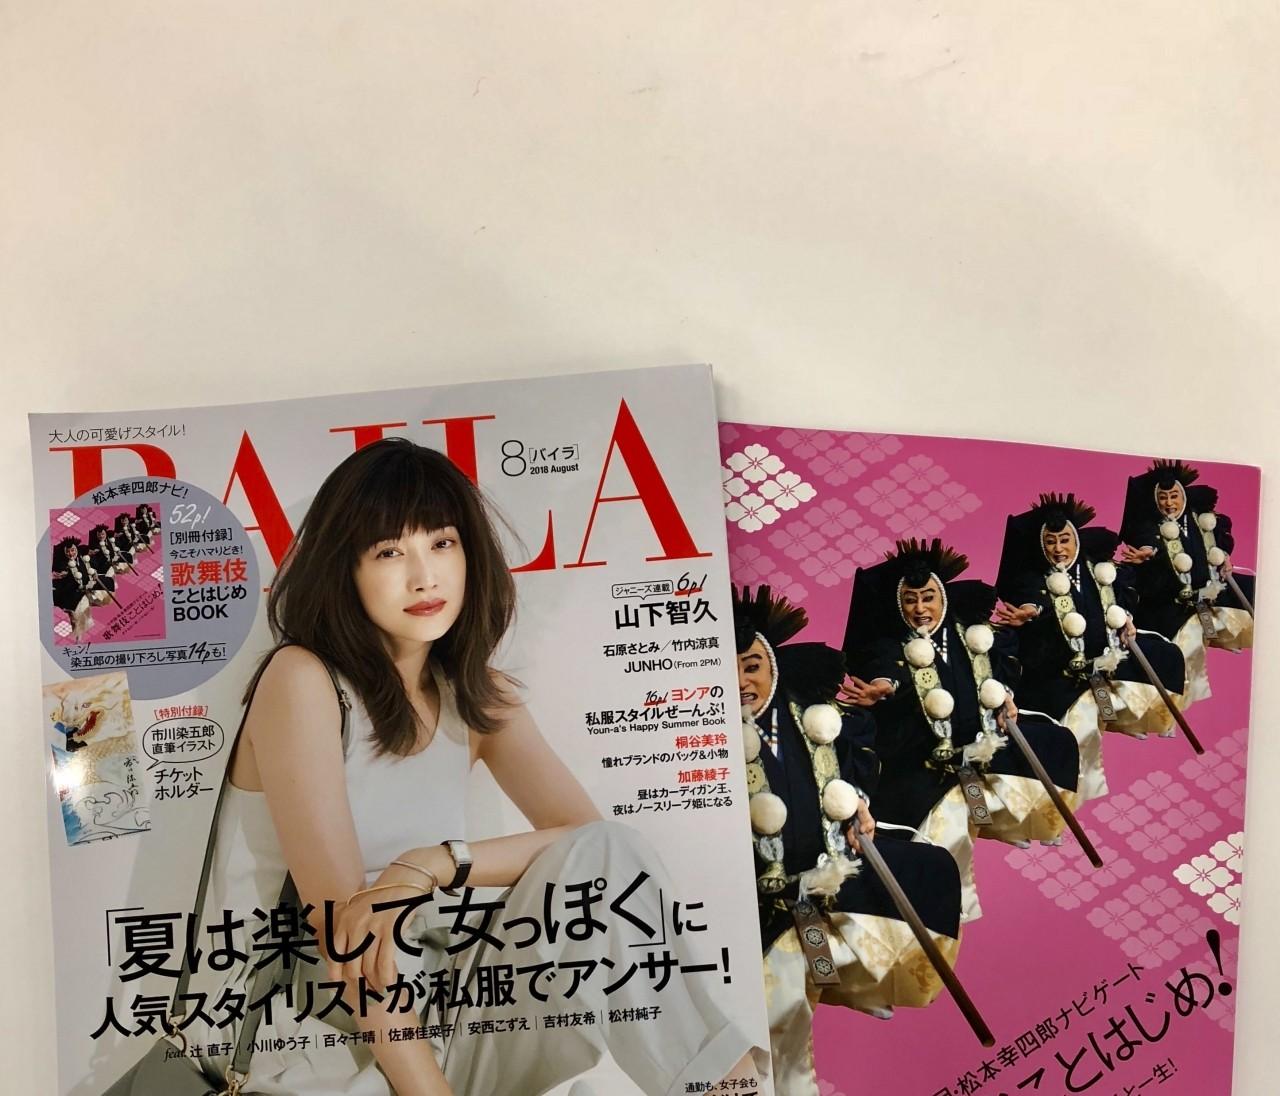 【本日発売】BAILA8月号別冊付録『歌舞伎ことはじめBOOK』の魅力!